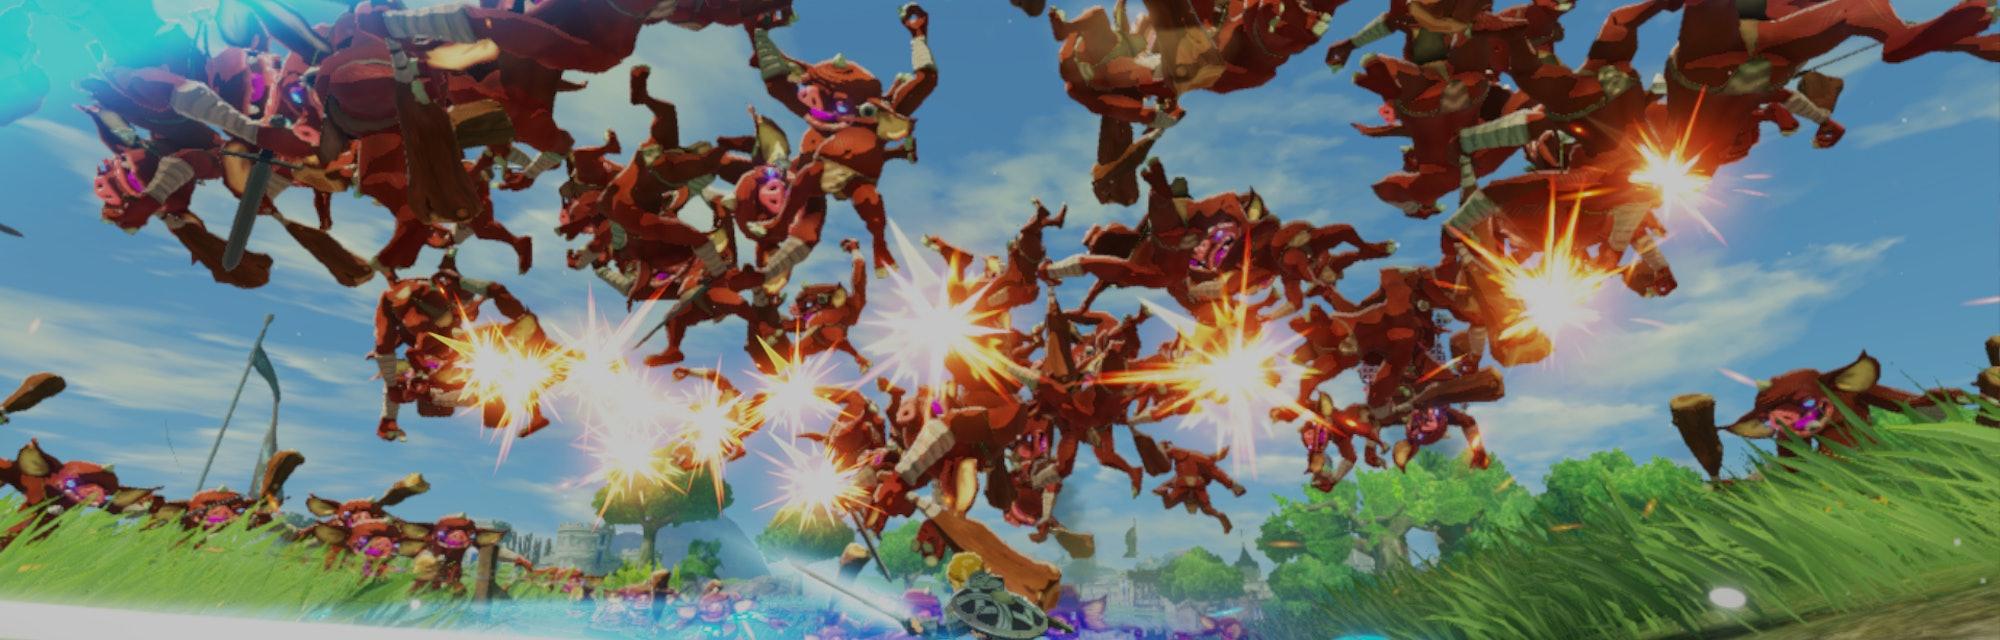 nintendo zelda hyrule warriors age of calamity